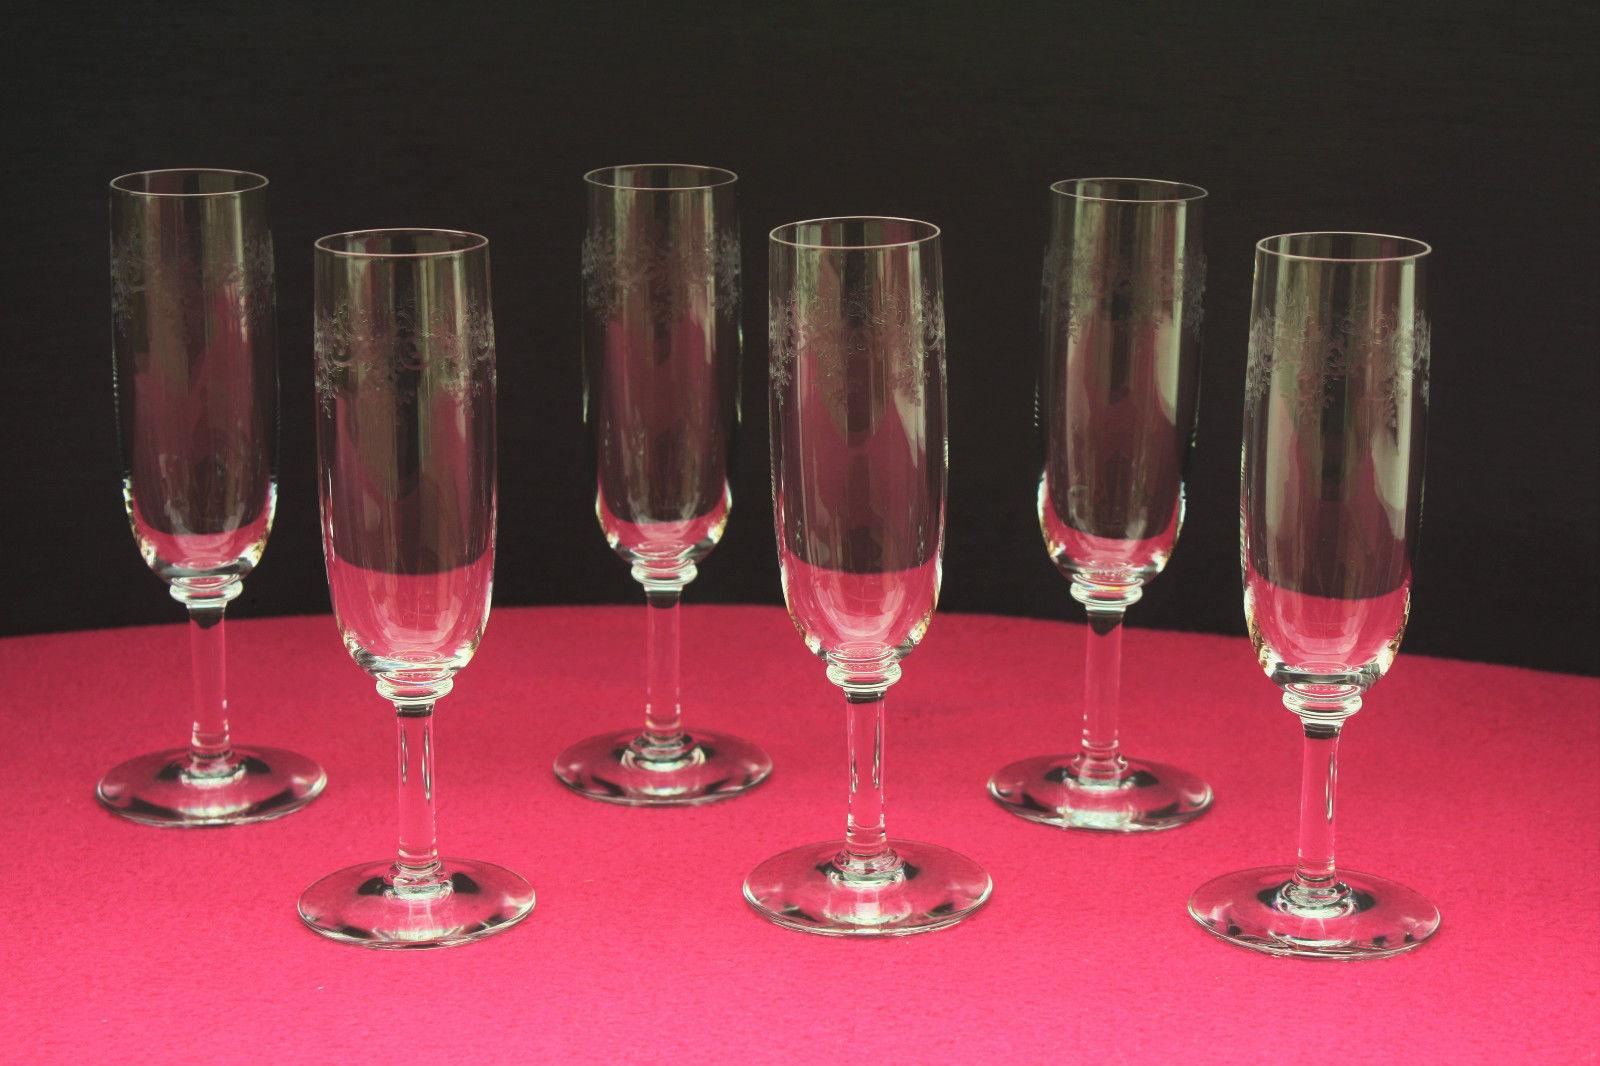 バカラワイングラス セヴィーヌ(SEVIGNE)baccarat glass